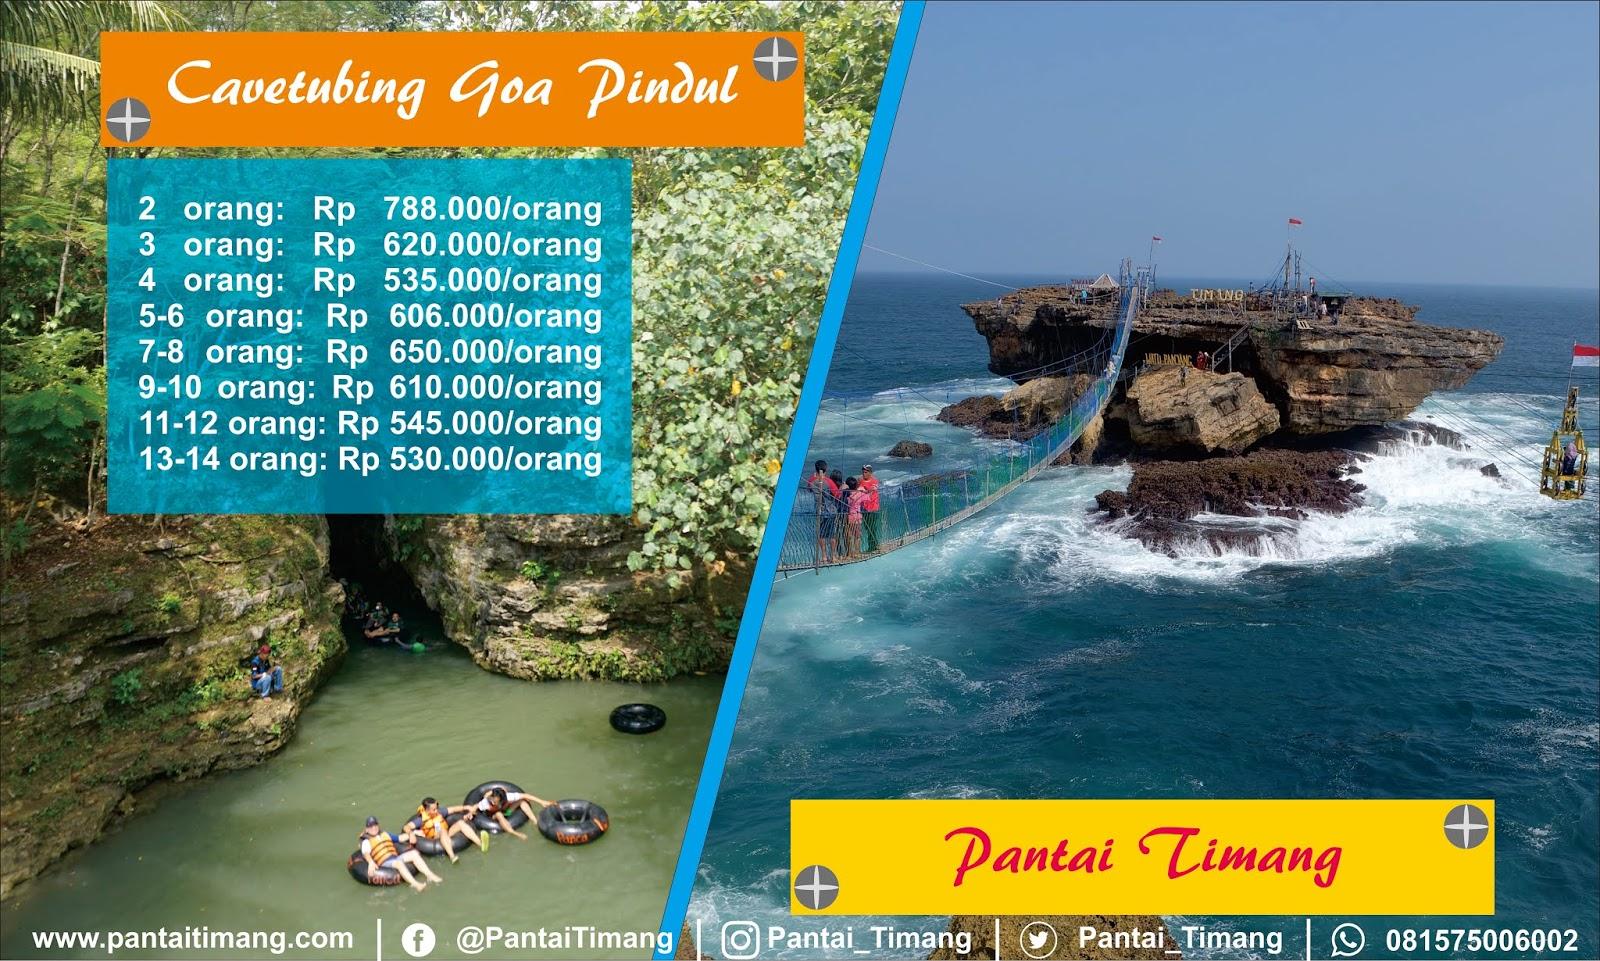 Goa Pindul dan Pantai Timang